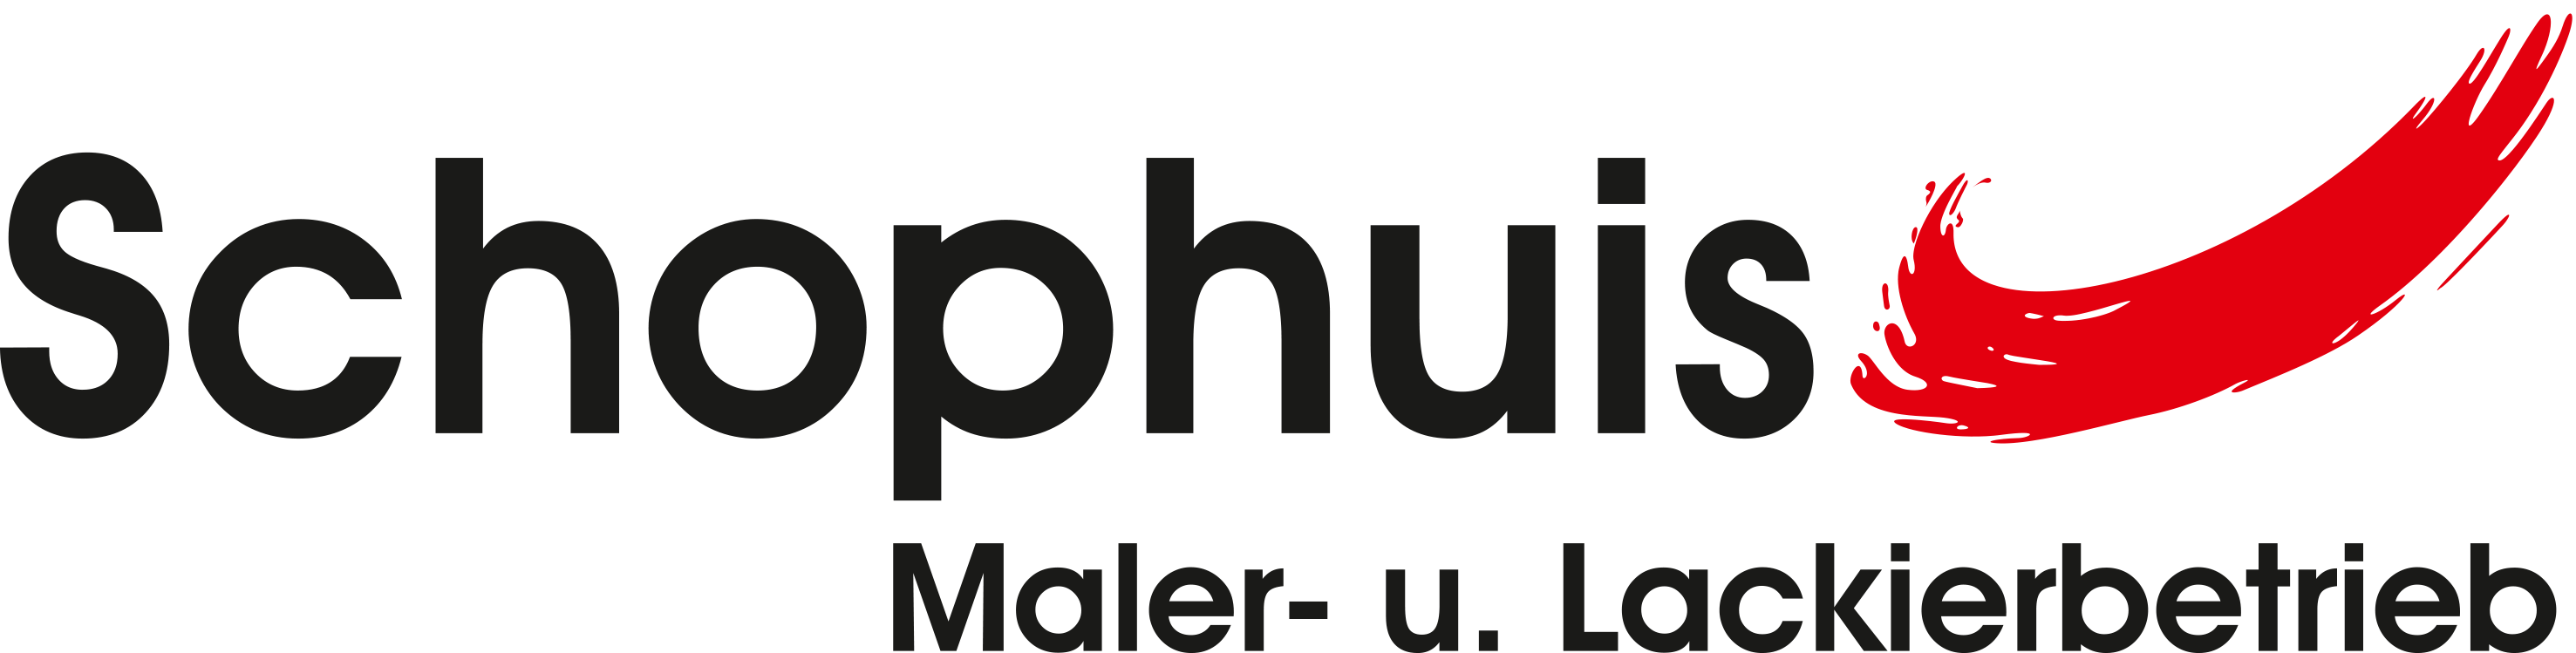 Schophuis Maler- und Lackierbetrieb